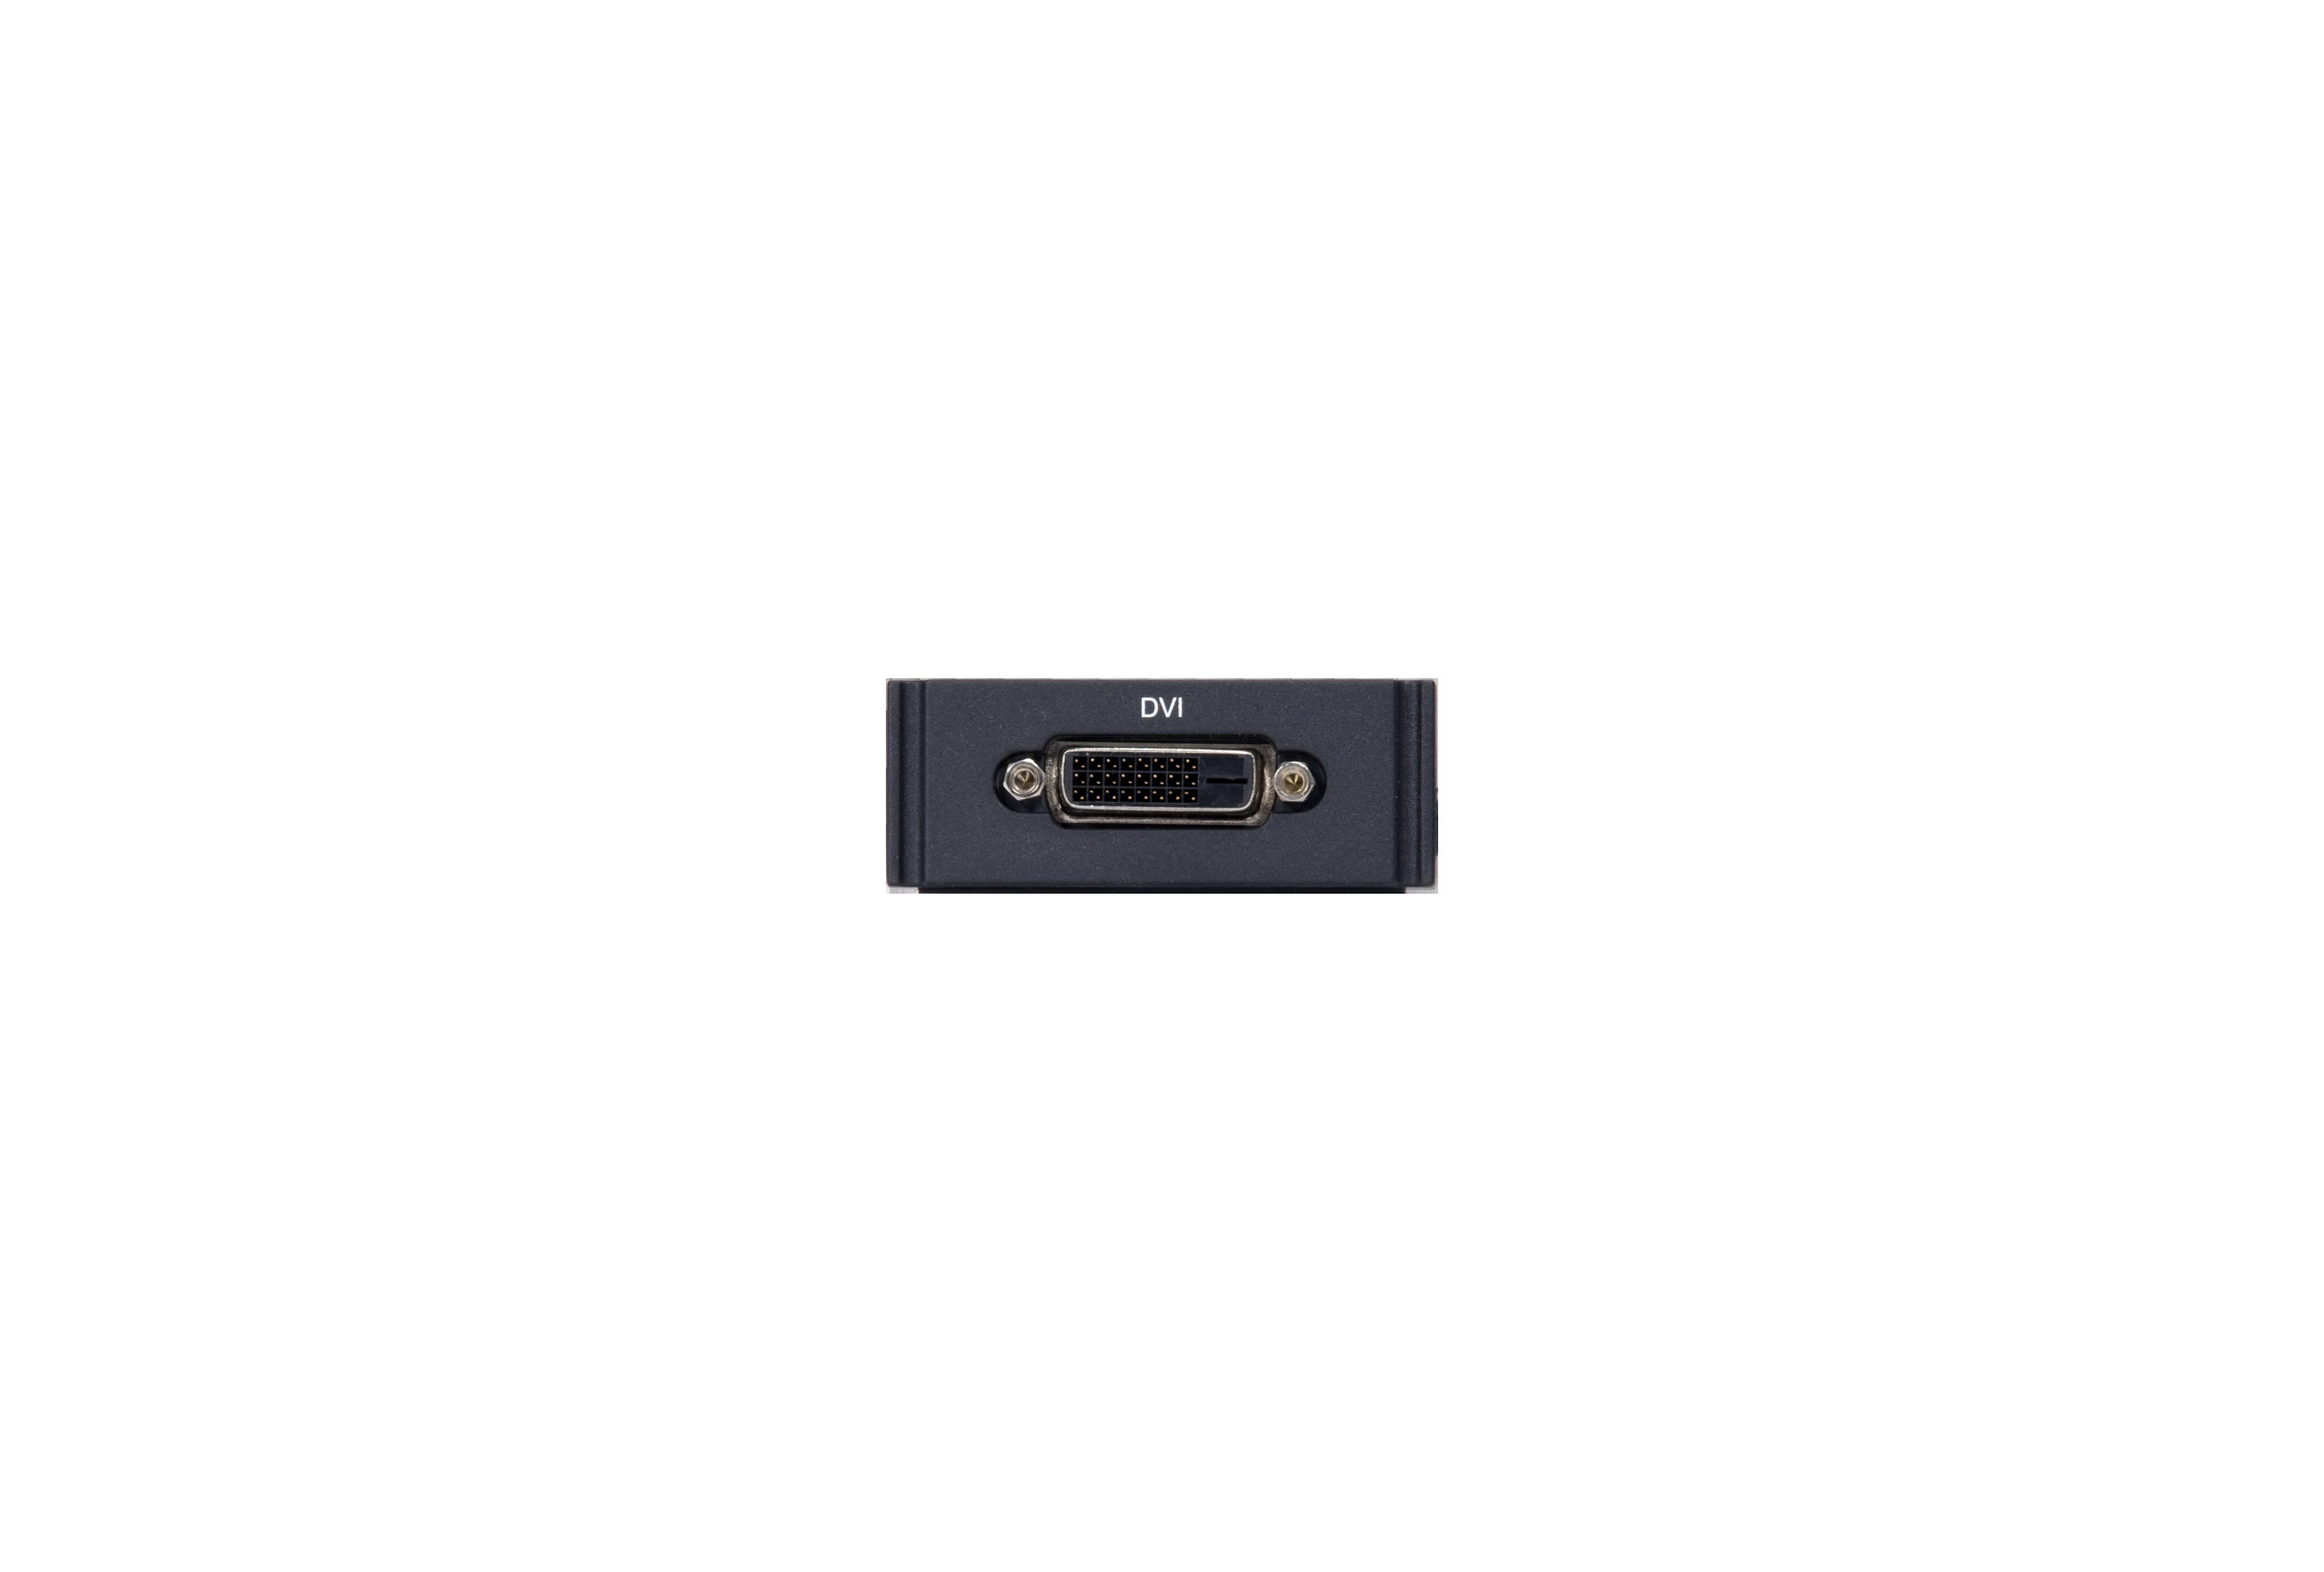 HPX-AV101-DVI Front Straight